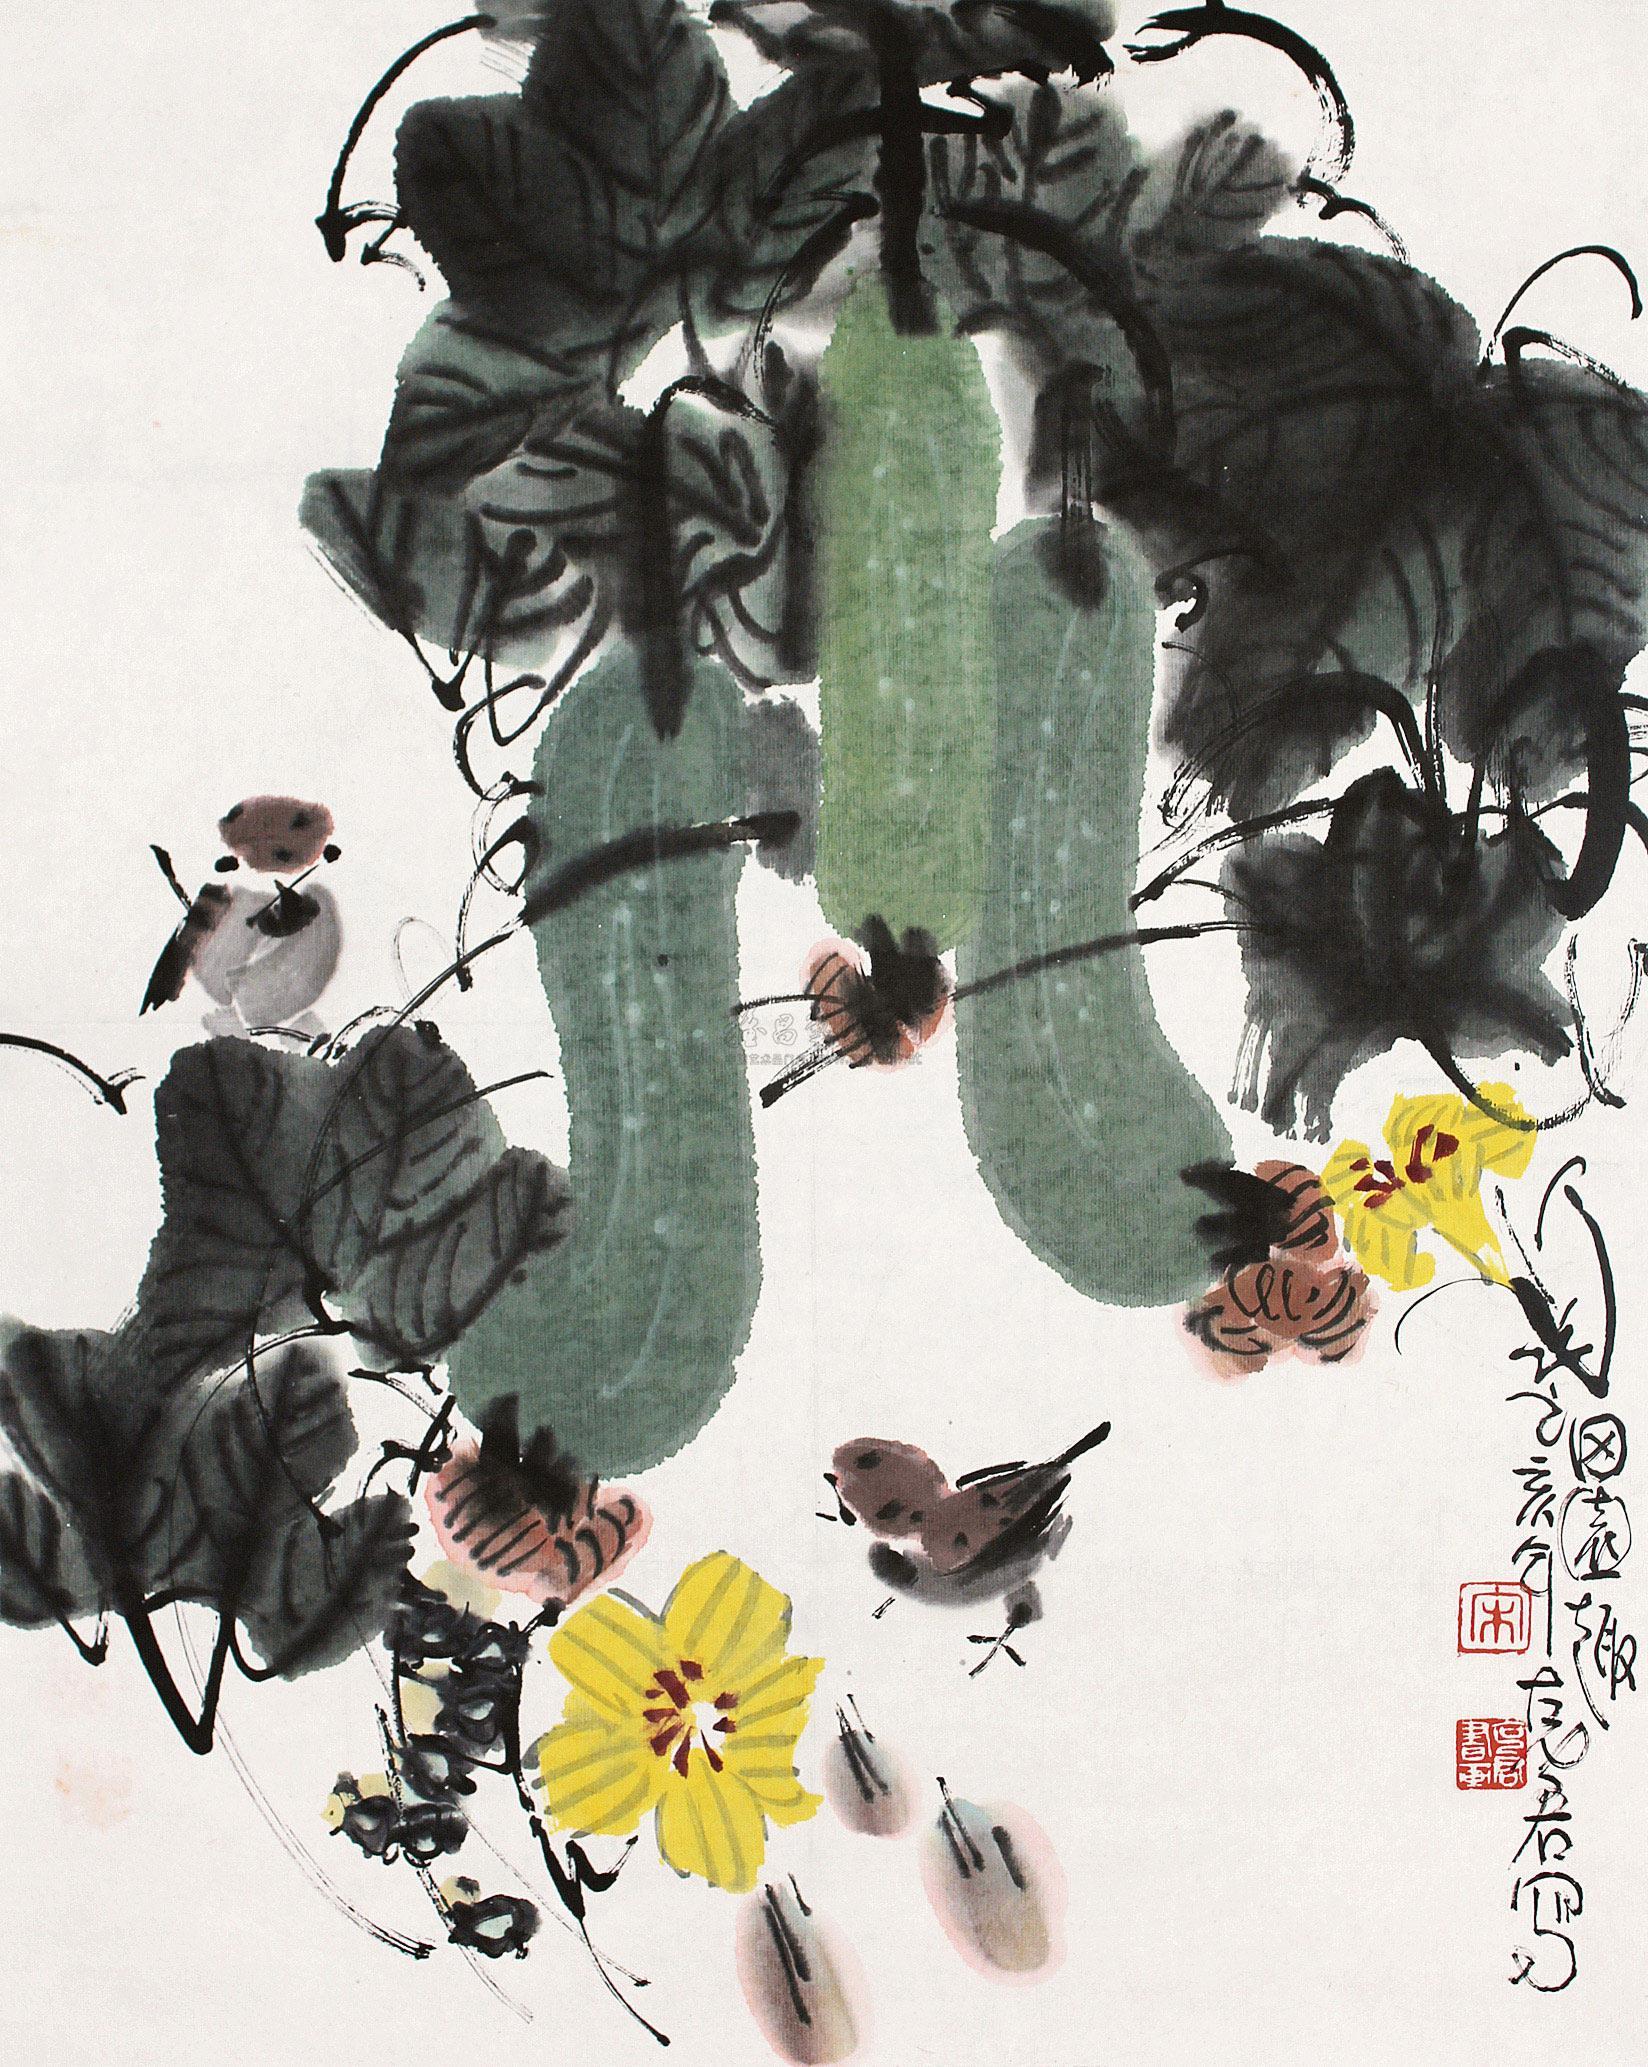 【丝瓜小鸟】拍卖品_图片_价格_鉴赏_绘画_雅昌艺术品图片